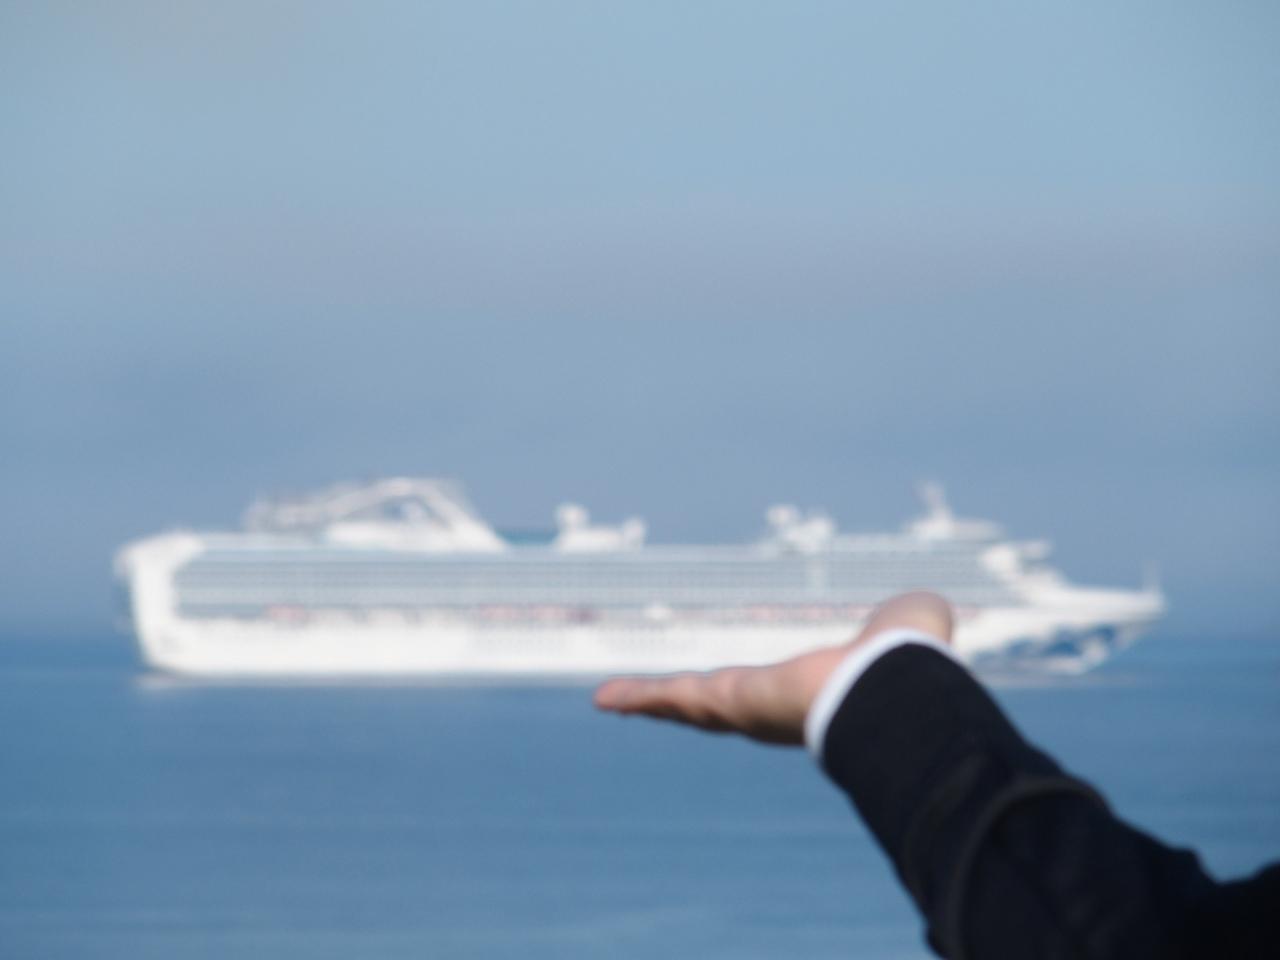 ダイヤモンドプリンセスで寄港したコルサコフの観光で立ち寄った展望台